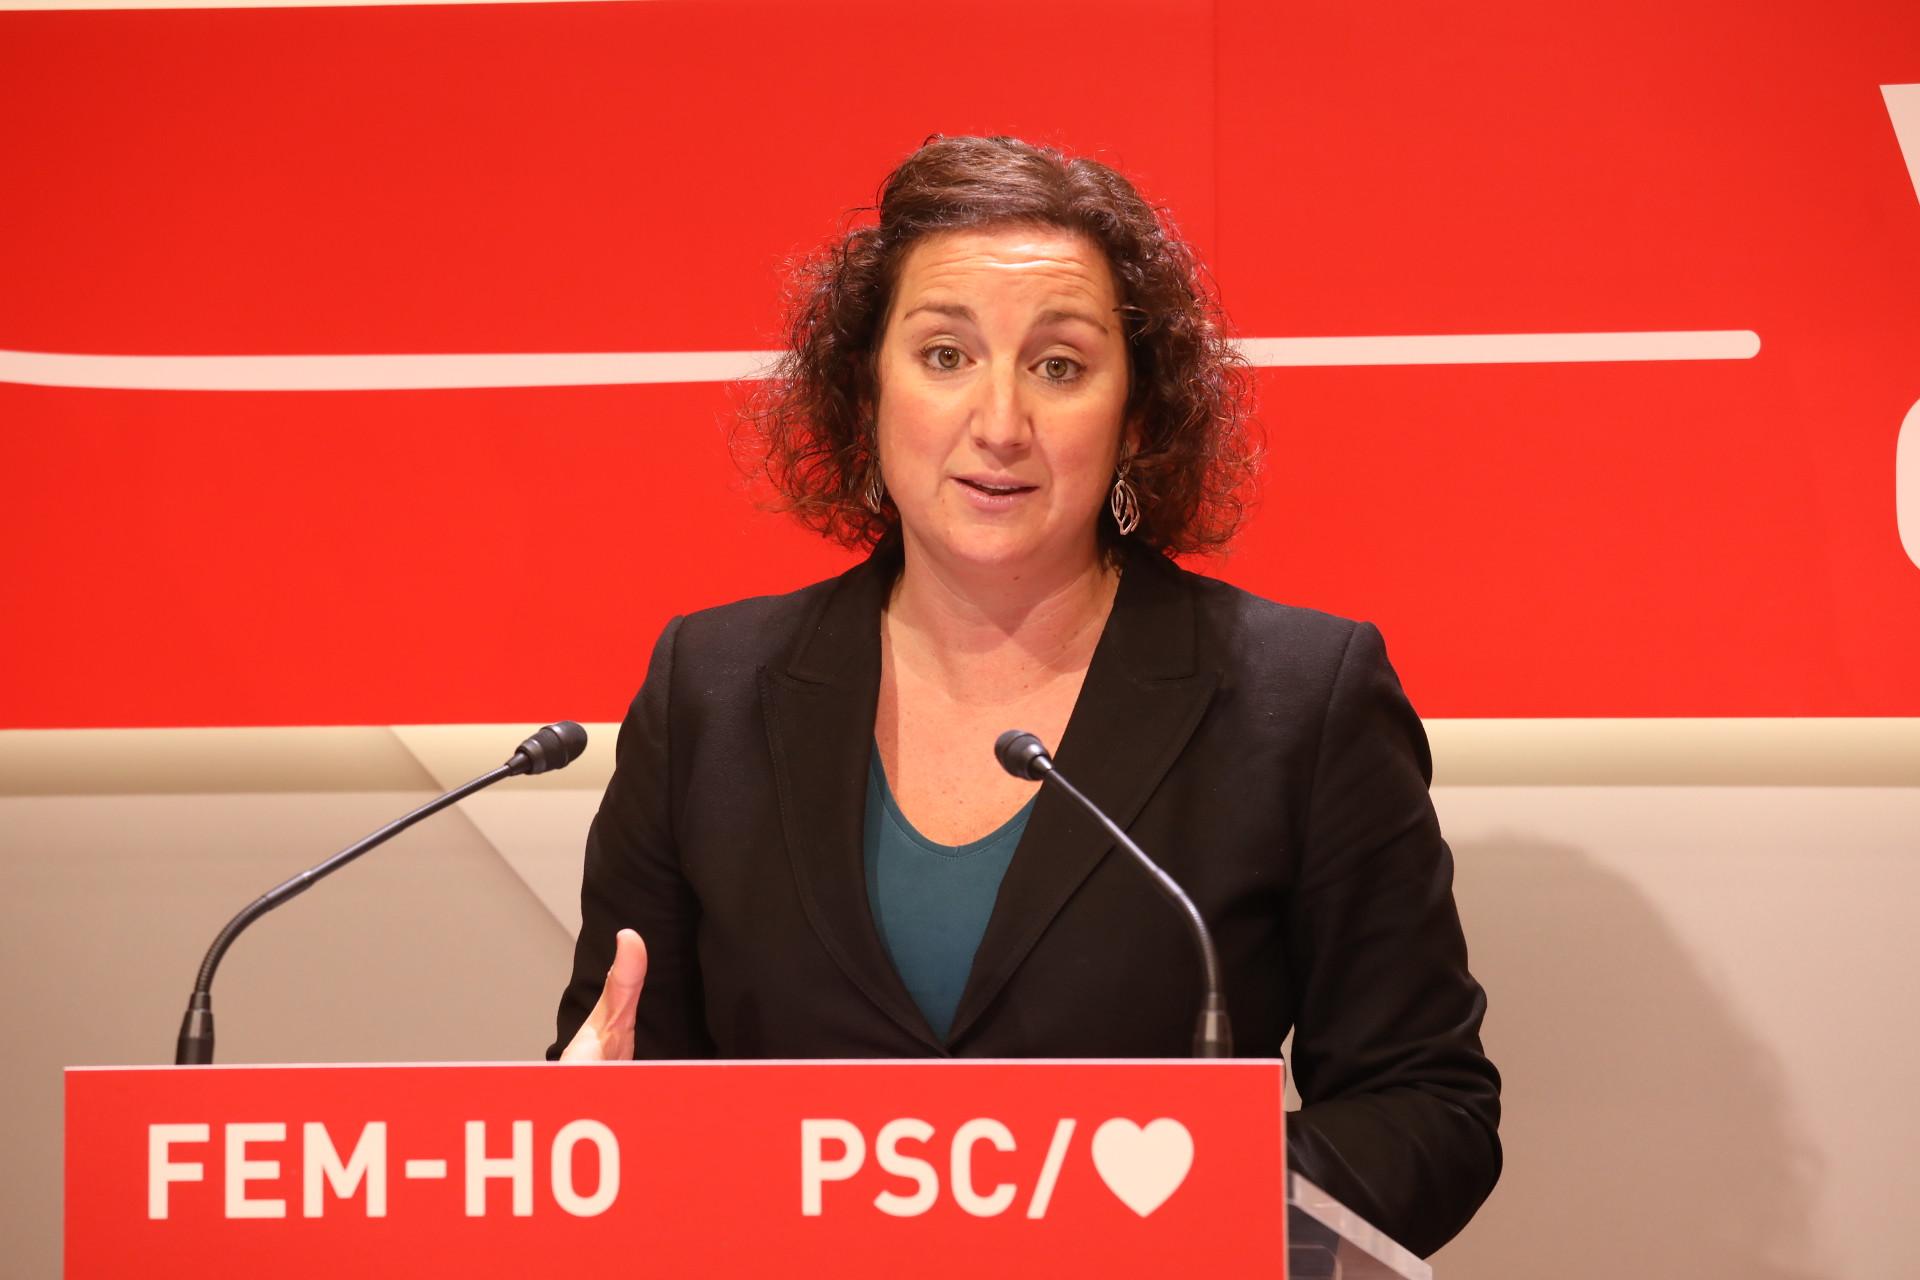 La portavoz del PSC, Alicia Romero, en una rueda de prensa en la sede del PSC / PSC